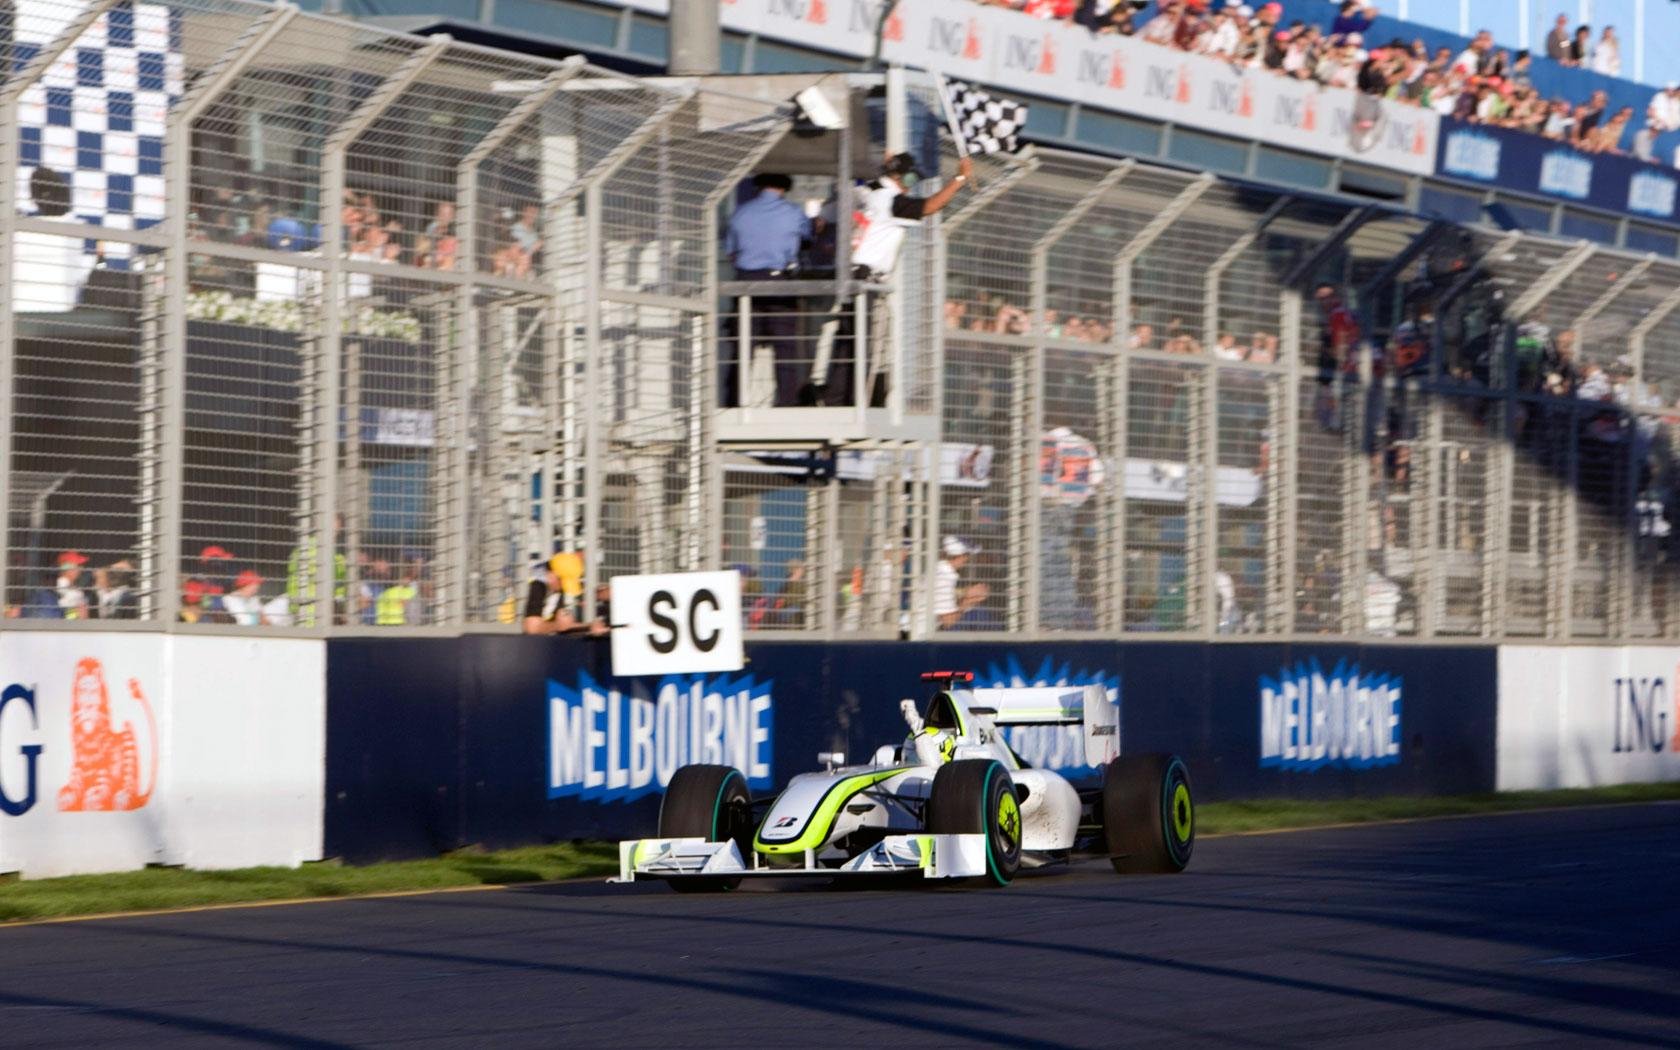 Jenson Button slavi na prvoj utrci sezone u Australiji u Brawn GP-u 001. Britanac je pobijedio na šest od prvih sedam utrka sezone i na kraju osvojio svoj prvi naslov svjetskoga prvaka. (29.3.2009.) Foto: f1fansite